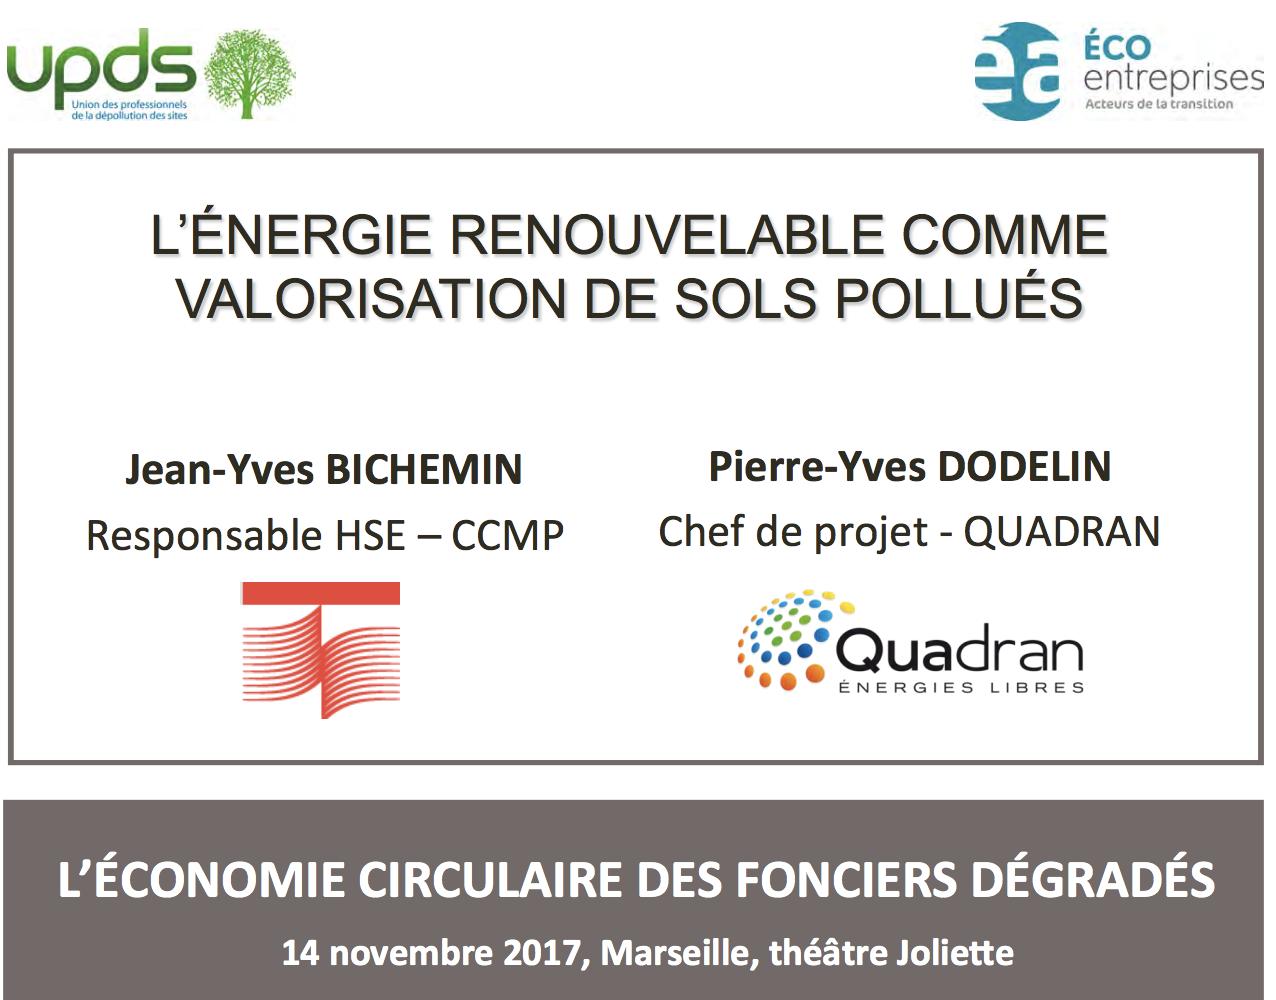 L'énergie renouvelable comme valorisation de sols pollués - QUADRAN - 2017